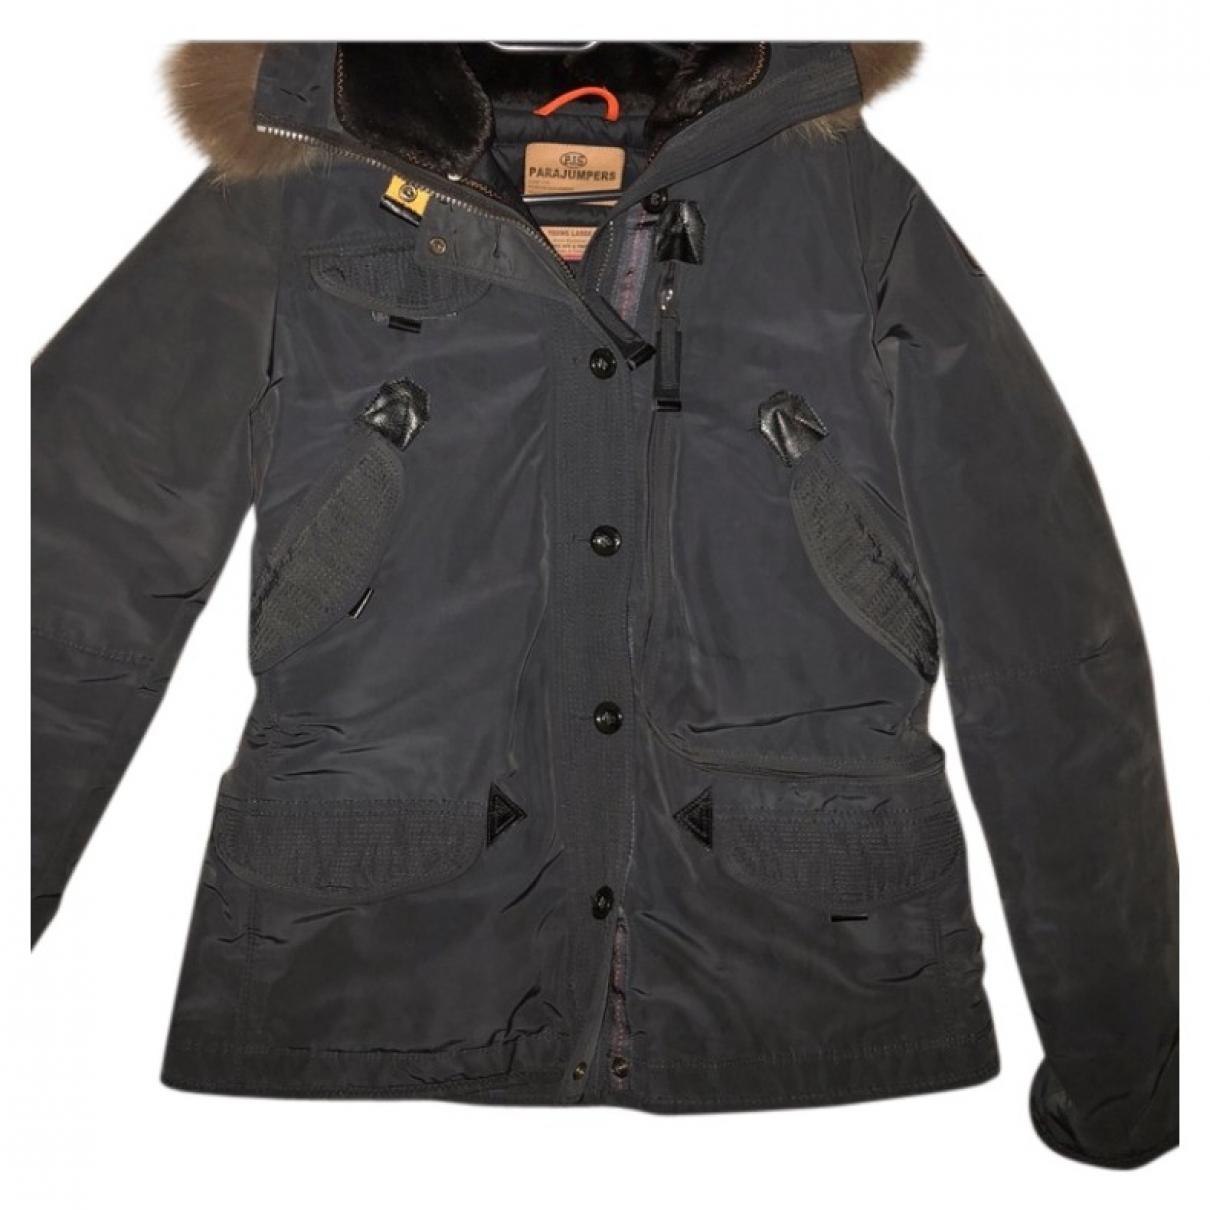 Parajumpers - Manteau   pour femme en fourrure - gris